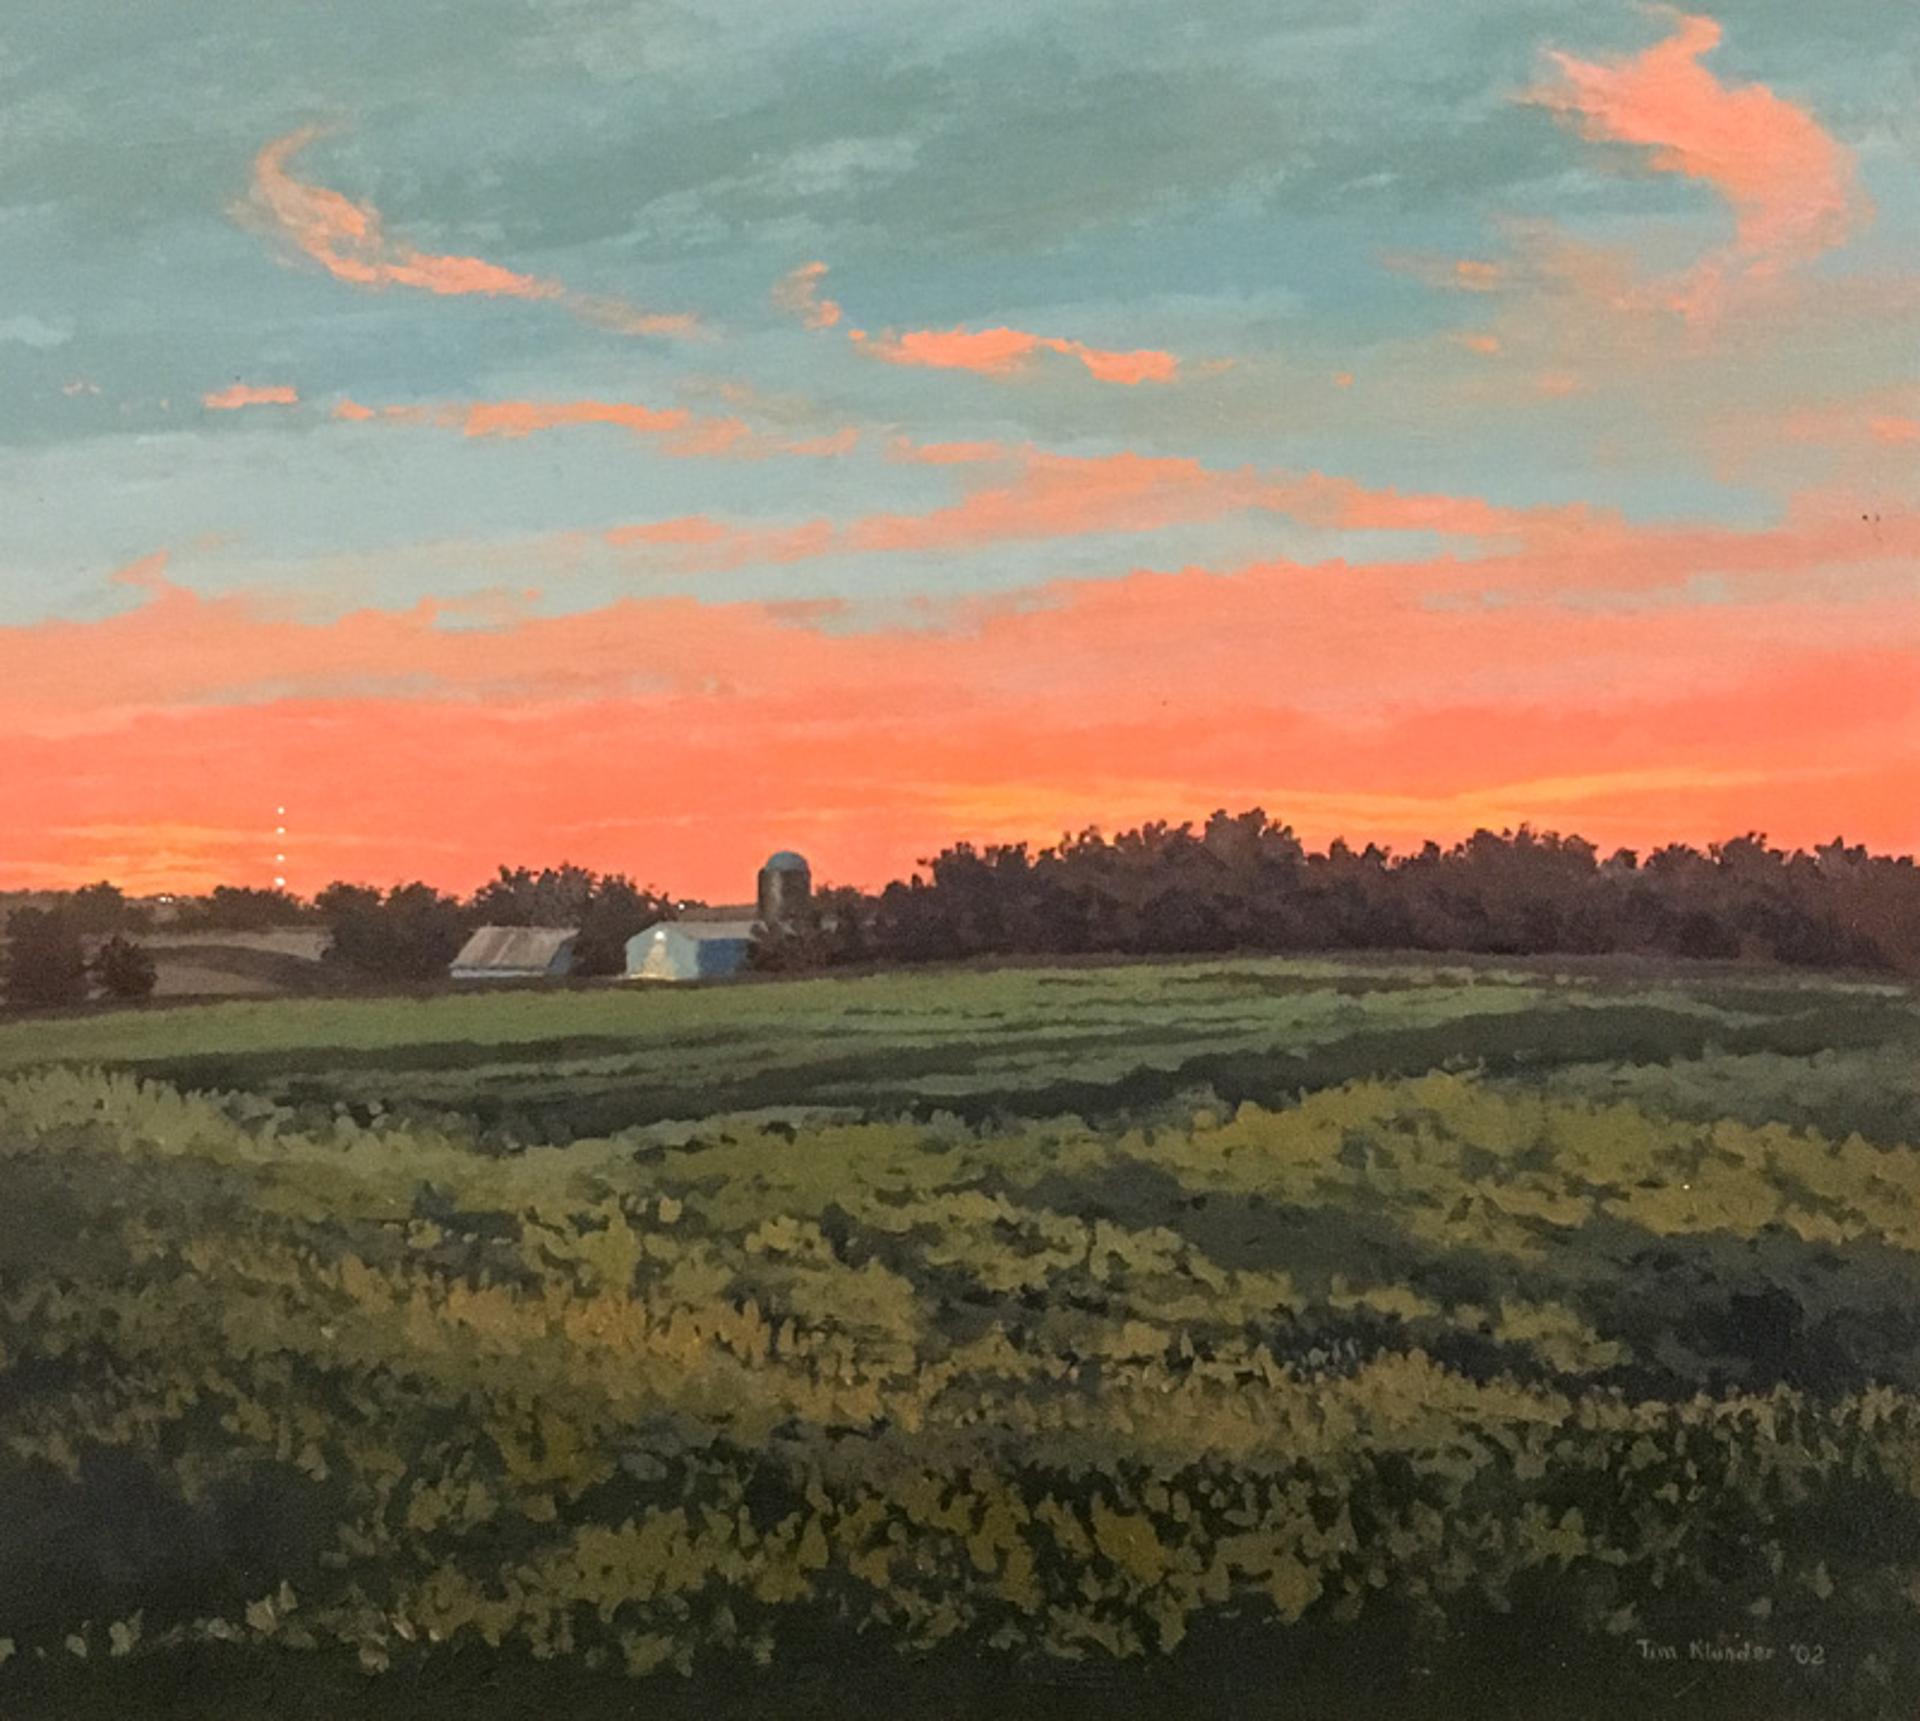 Nebraska Dusk No. 3 by Tim Klunder